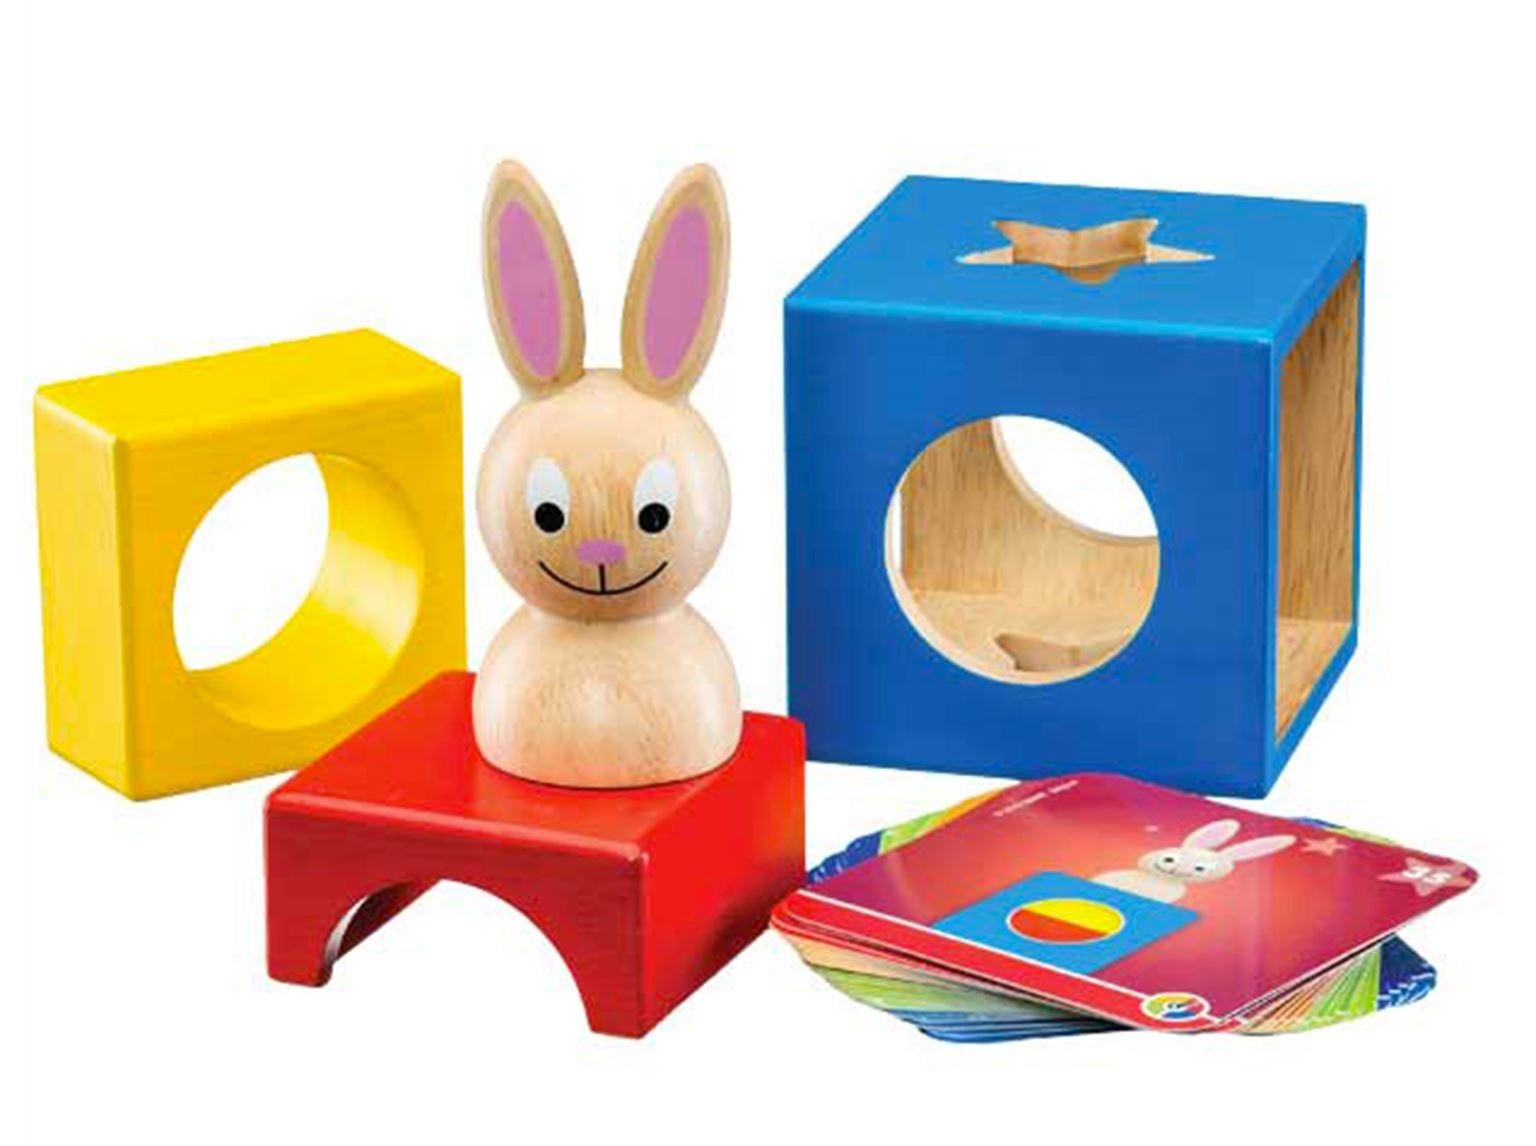 autisme 13 jouets et jeux adapter prot gez. Black Bedroom Furniture Sets. Home Design Ideas